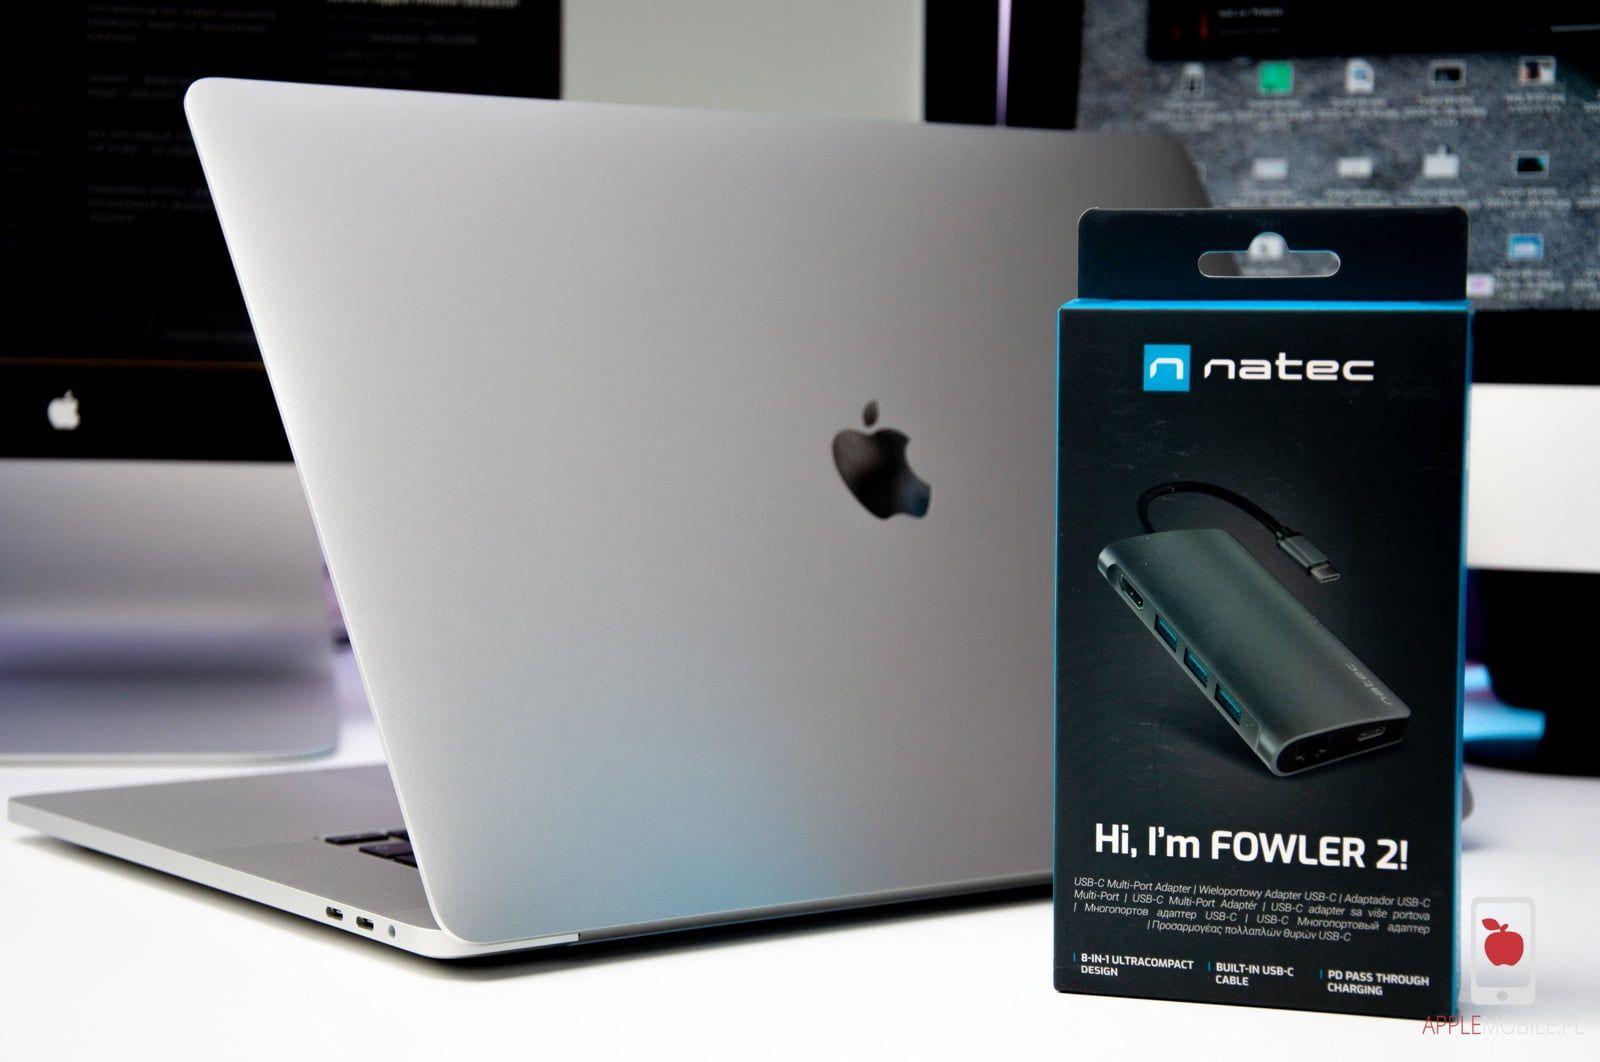 Recenzja NATEC Fowler 2 – bezkonkurencyjny adapter USB-C z HDMI, portami USB, czytnikami kart pamięci i Ethernetem